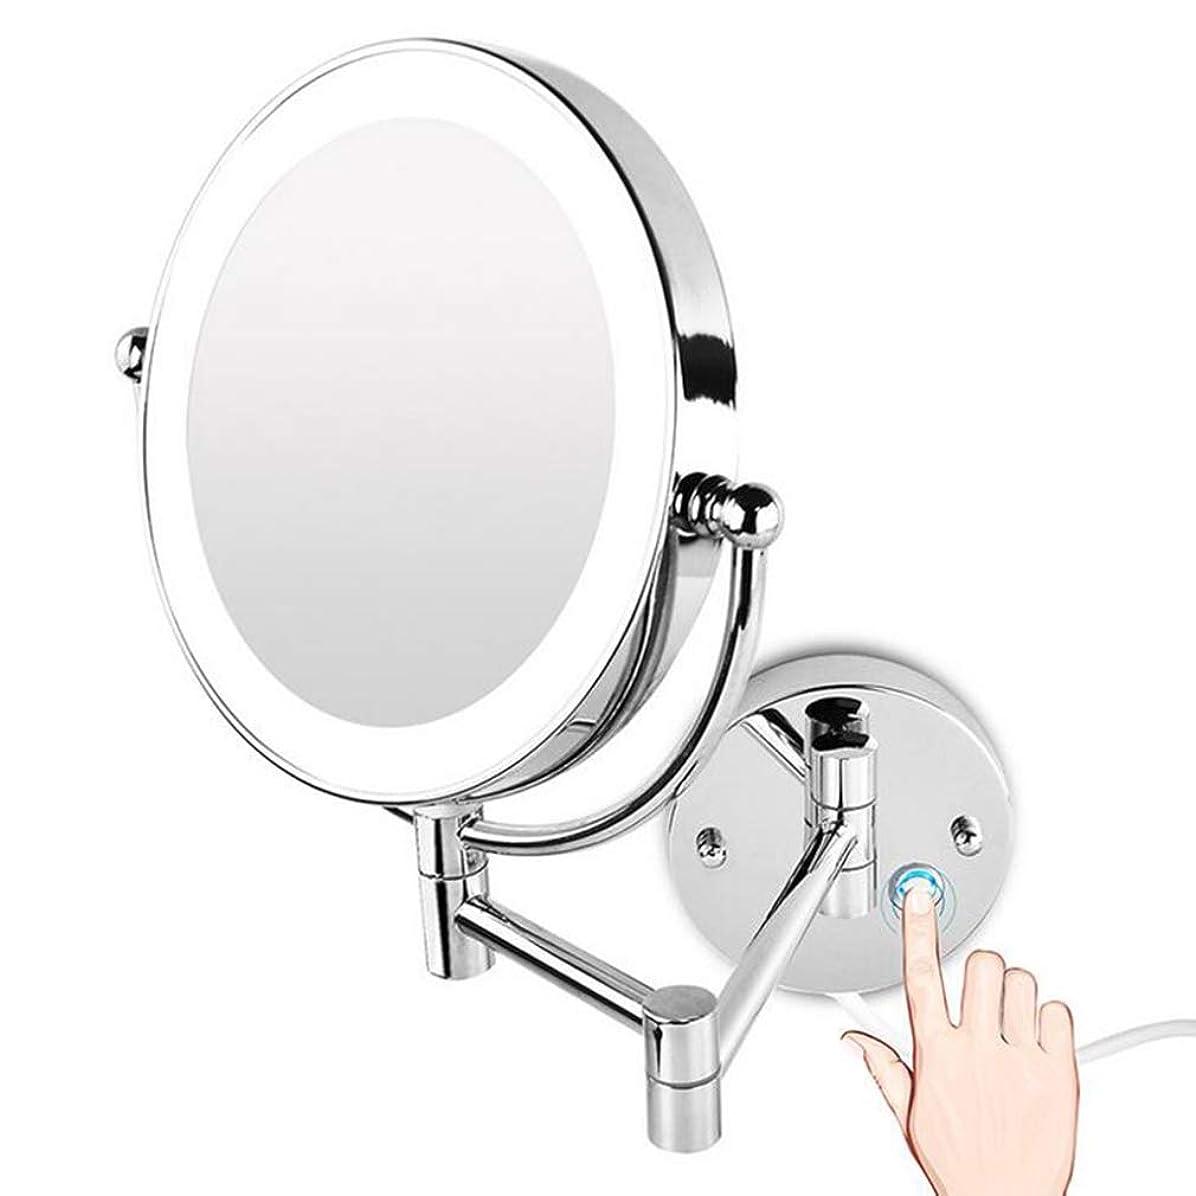 思い出す不快なたっぷりHUYYA LED 化粧鏡、両面 壁掛け式バスルームミラー複数の倍率化粧ミラー 360 °回転 伸縮可能折り けメイクミラー,3x_Powered by Plug